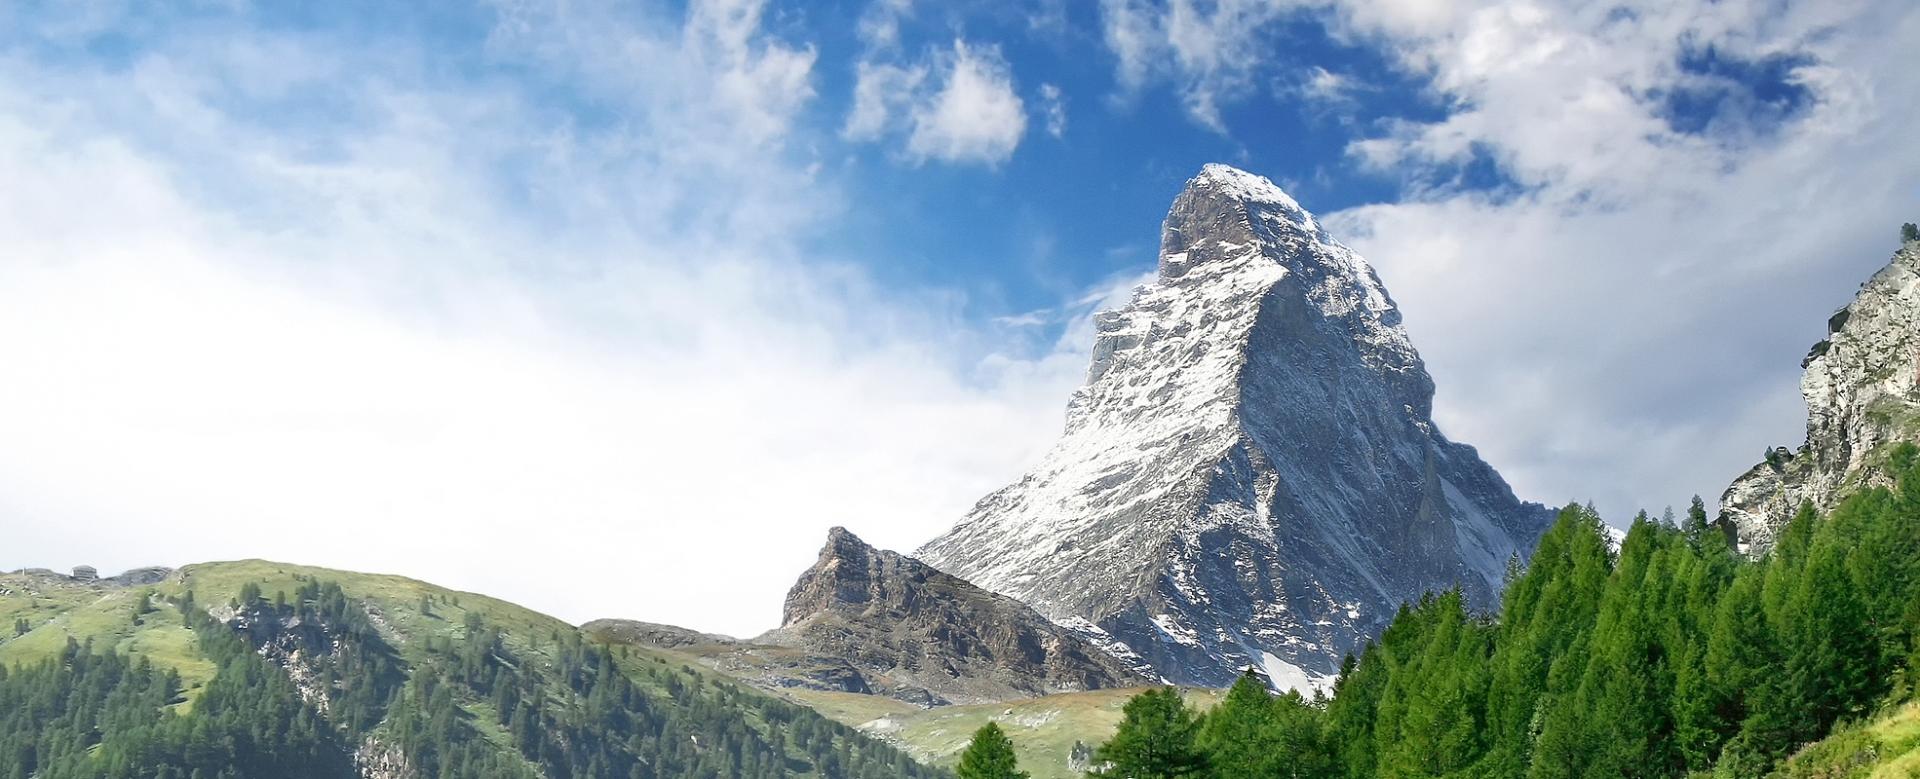 Voyage à pied : Sur les sentiers de chamonix à zermatt